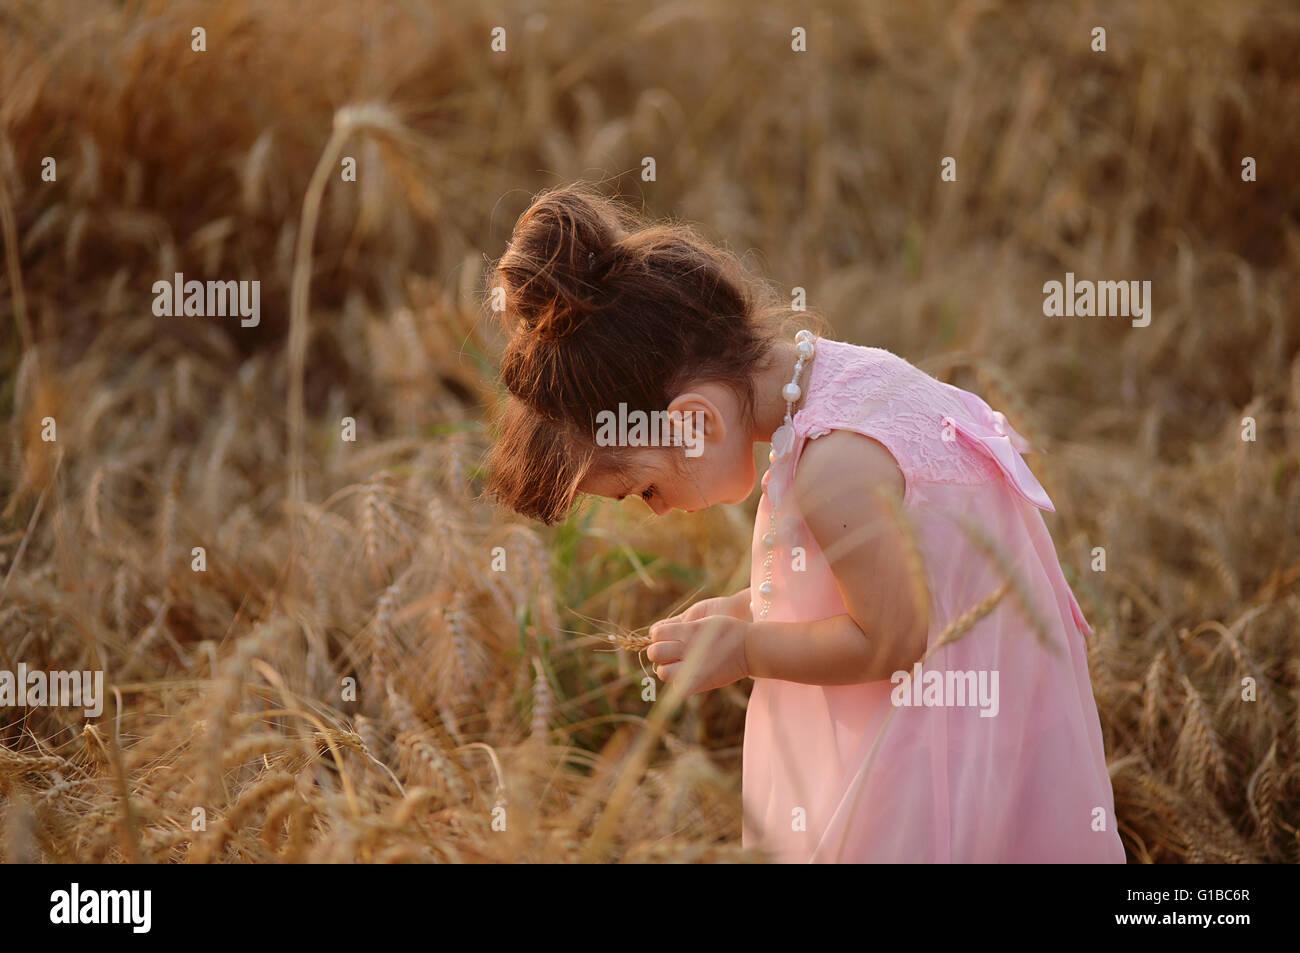 Petite fille dans une robe rose se pencha sur les épillets du blé. Photo Stock